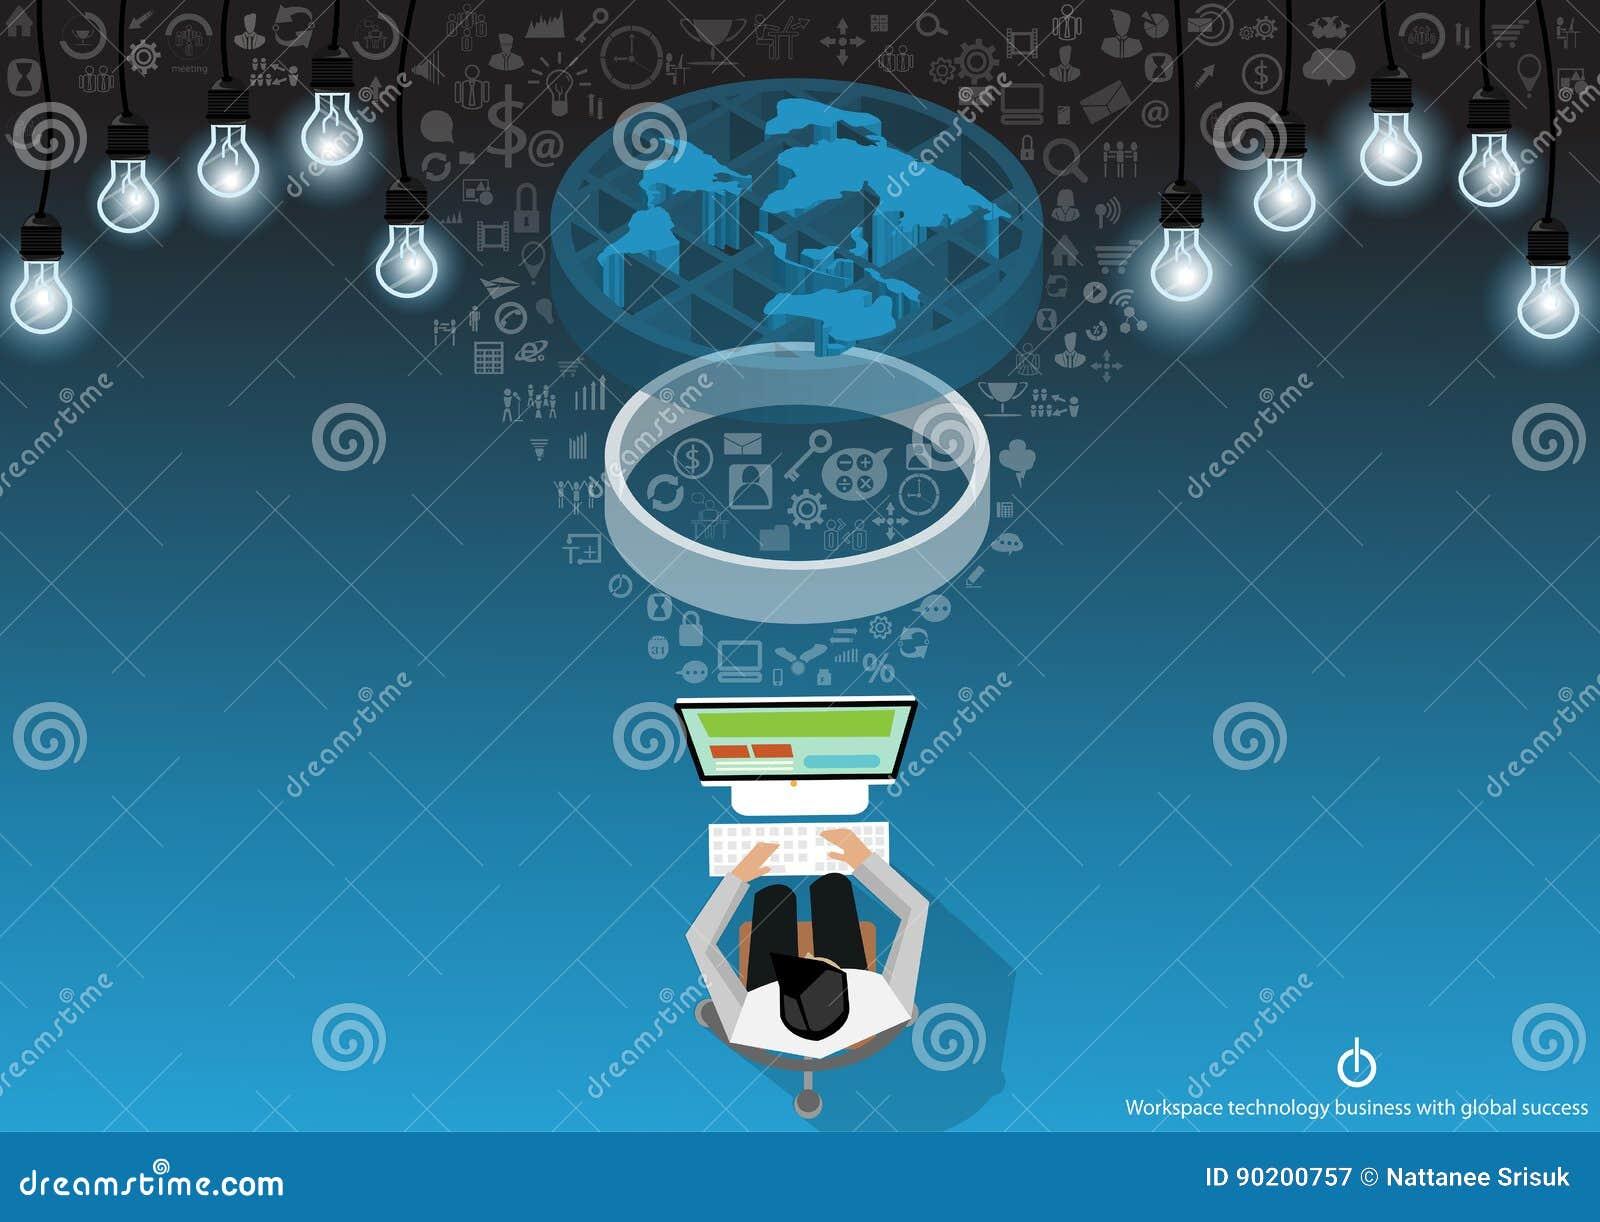 Vectorzakenman met communicatie technologie wereldwijd met Mobiel, tablet, laptop computers, lampen en diverse pictogrammen vlak